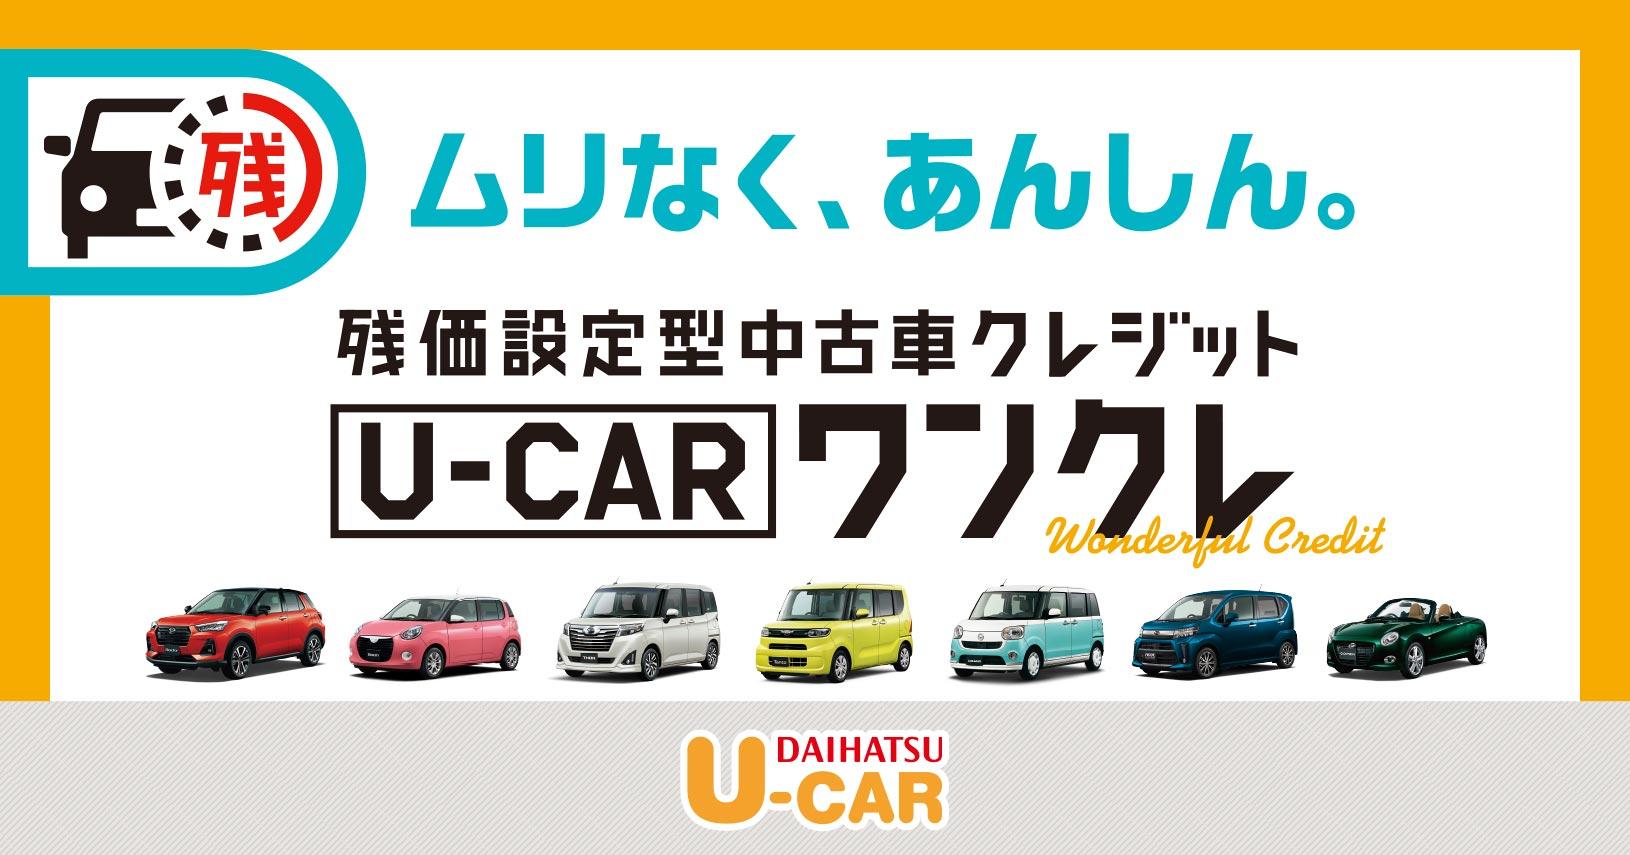 【U-CAR】U-CARワンクレ